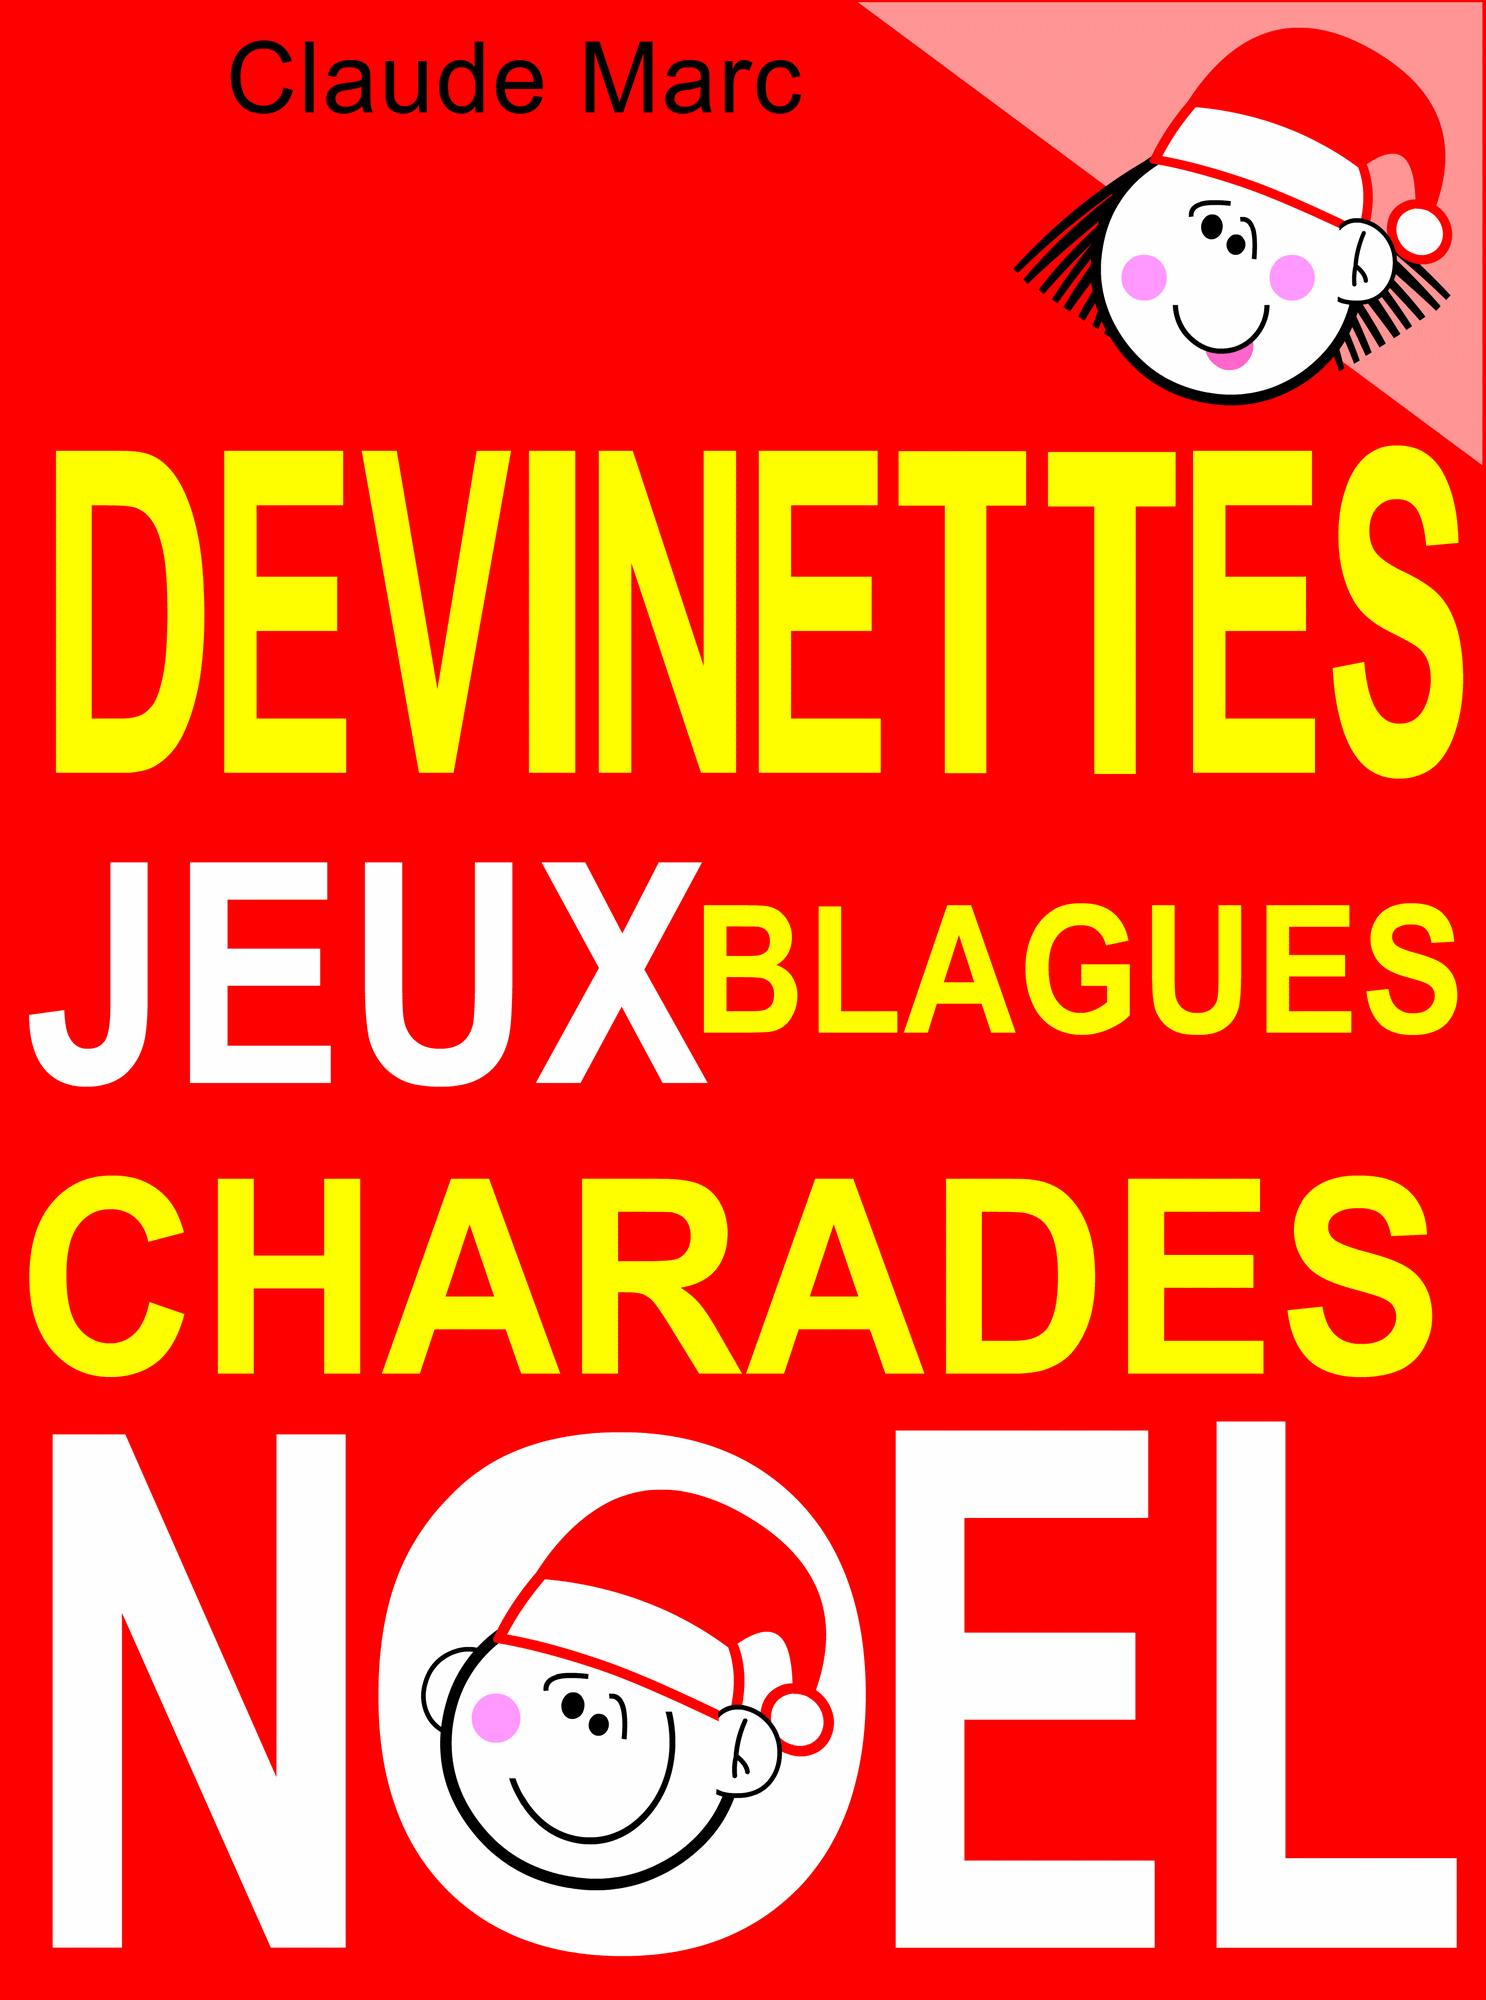 Devinettes Et Blagues De Noël. Charades, Jeux De Lettres Et Jeux De Mots. -  7Switch concernant Jeux De Mots Pour Enfants